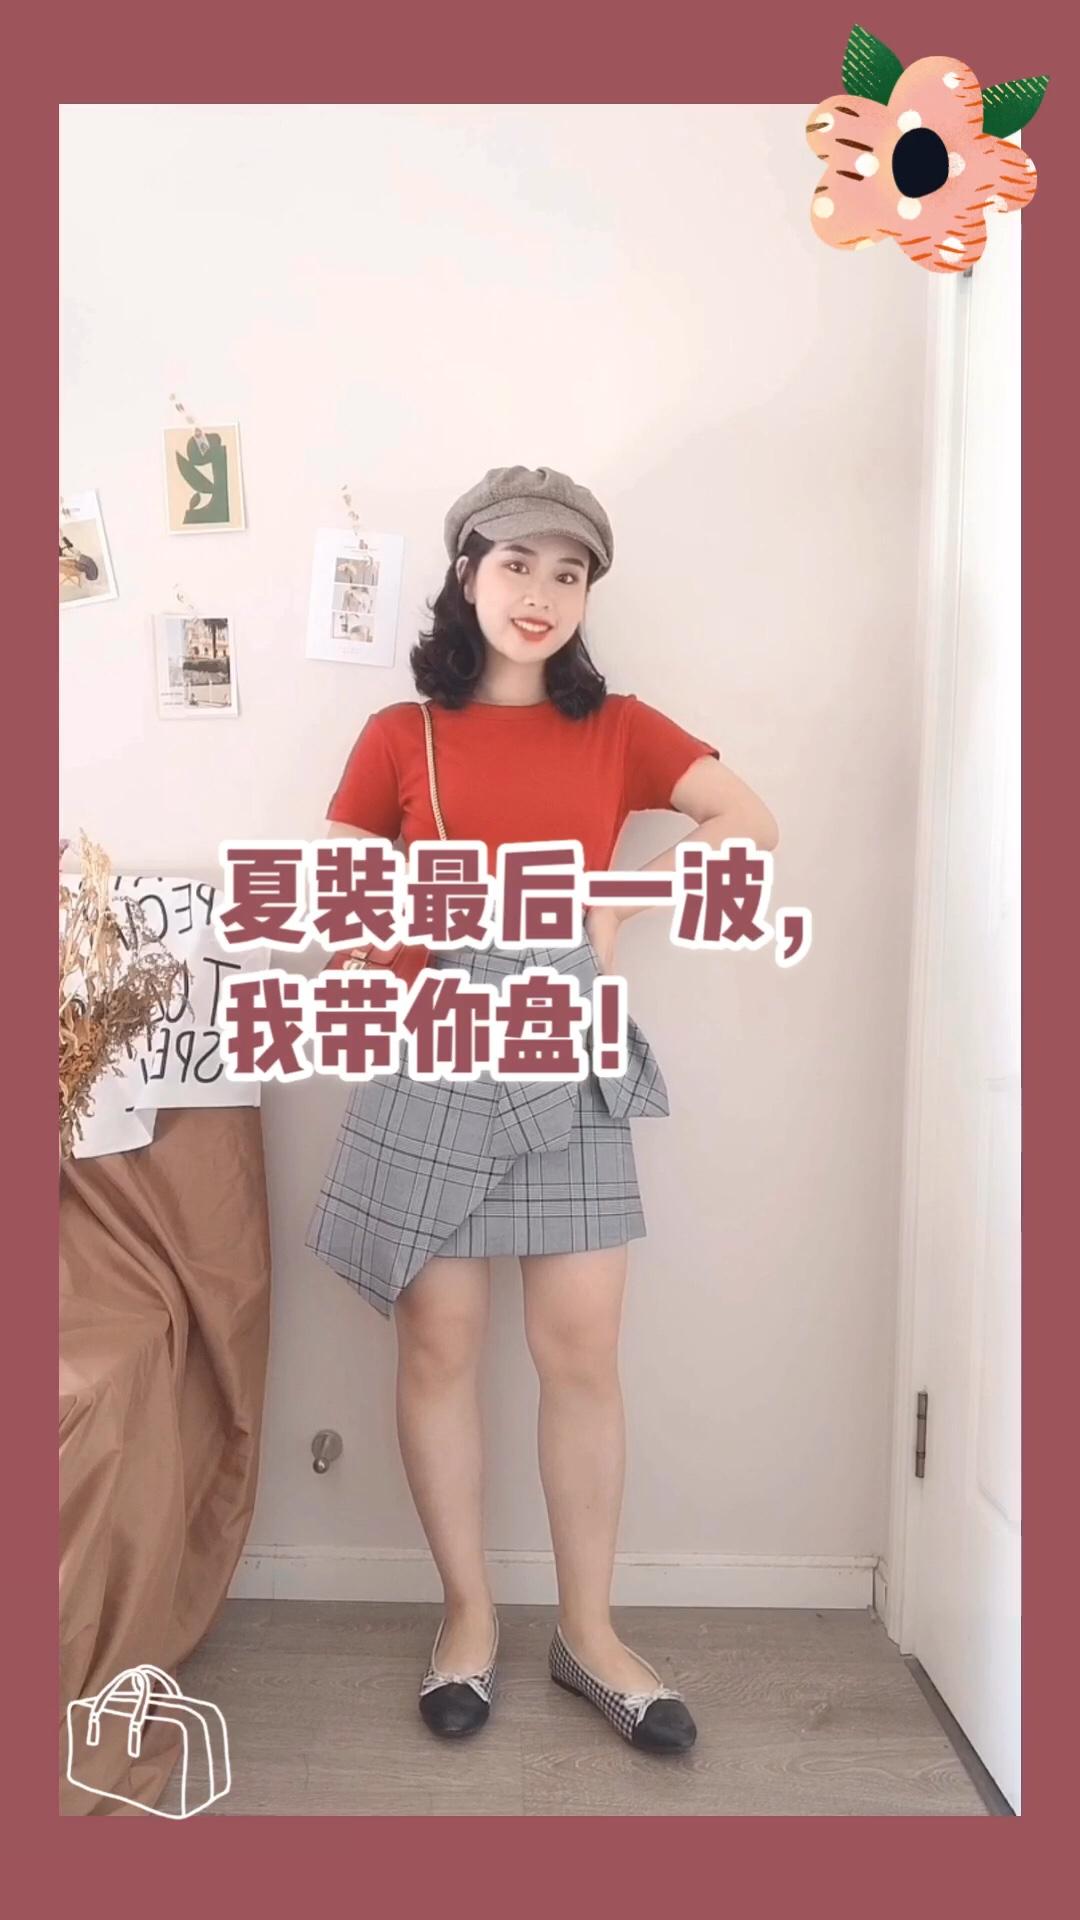 #夏装最后一波,我带你盘!# 150小个子穿搭 夏天当然不能少了t恤,不知道穿什么的时候就穿件舒适的t恤吧! 夏装最后一波啦!t恤是任何时候都不会过时的单品~ 超级显白的红色t恤,搭配一条特别的格纹裙,一身就比较丰富啦! 特别的绑带设计太好看啦! 包包搭配红色系的,鞋子搭配同样格纹的单鞋哦~